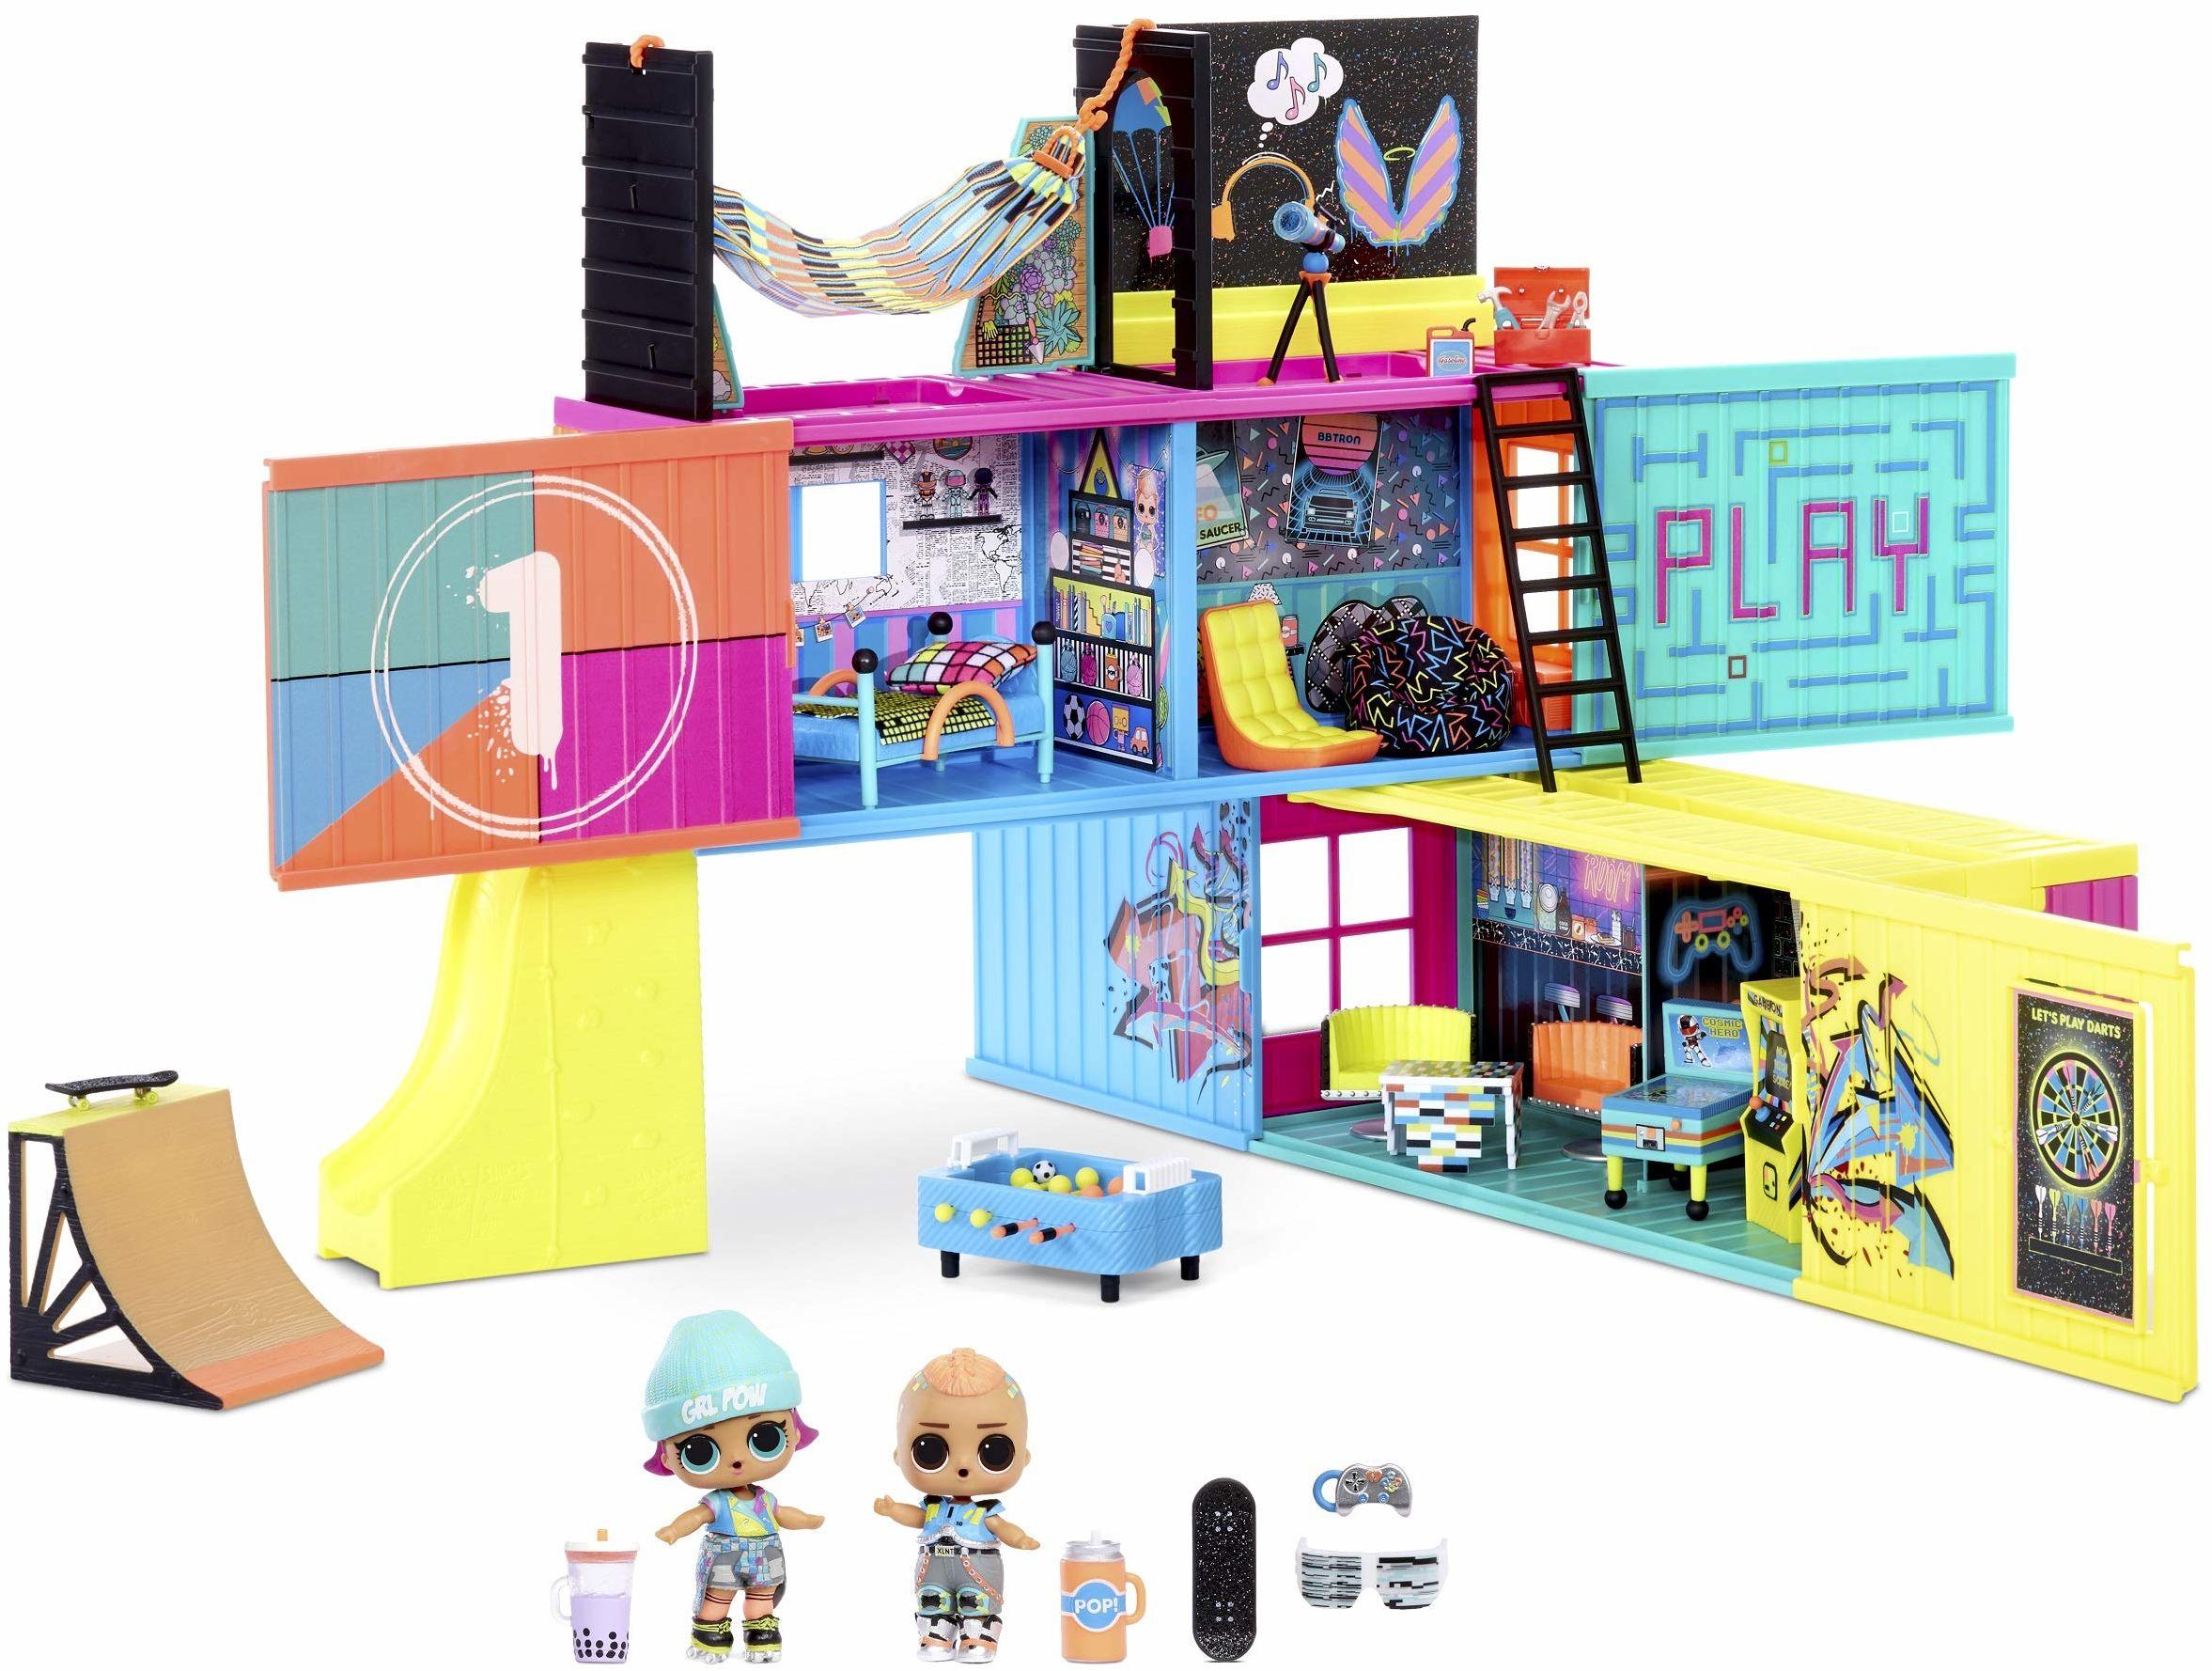 LOL Surprise Clubhouse domek dla lalek z ponad 40 niespodziankami. 2ekskluzywne lalki, 7 miejsc spotkań, kuchnia, sypialnia, patio, sala gier i nie tylko! Meble i akcesoria. Dla dziewczynek w wieku 4+